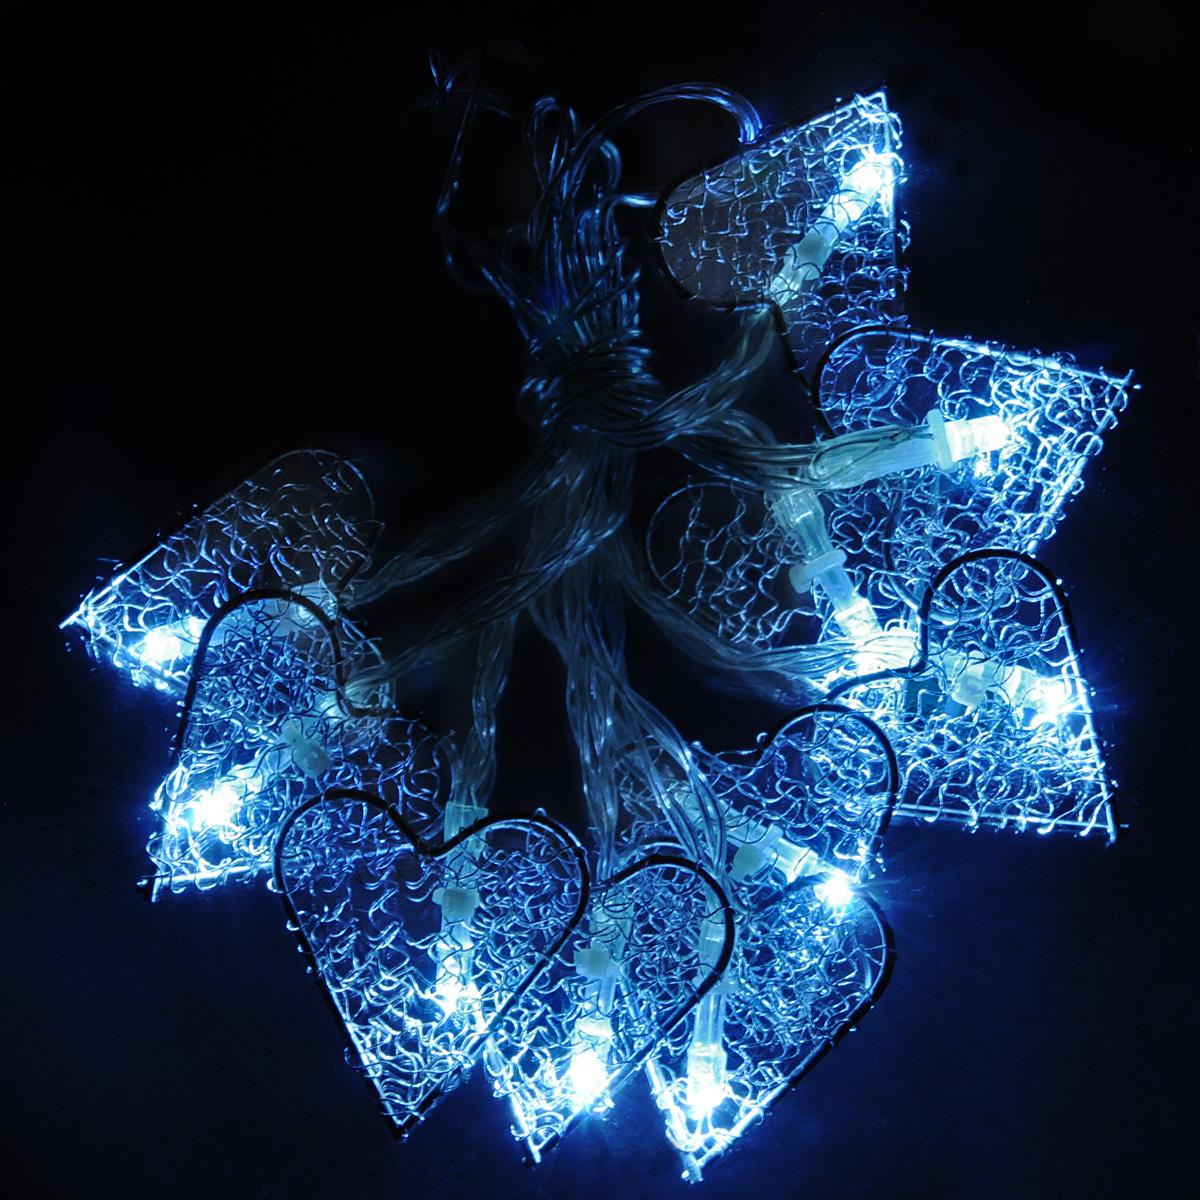 Гирлянда электрическая Lunten Ranta Ледяное сердце, 10 светодиодов, 2 м67626Гирлянда электрическая Lunten Ranta Ледяное сердце выполнена из акрила и металла. Гирлянда выполнена в оригинальном стиле, каждый светодиод выполнен в форме сердца. Такая гирлянда украсит ваш дом изнутри. Оригинальный дизайн и красочное исполнение создадут праздничное настроение. Откройте для себя удивительный мир сказок и грез. Почувствуйте волшебные минуты ожидания праздника, создайте новогоднее настроение вашим дорогим и близким. Работает от 3-х батареек тапа АА напряжением 1.5 V (в комплект не входит).